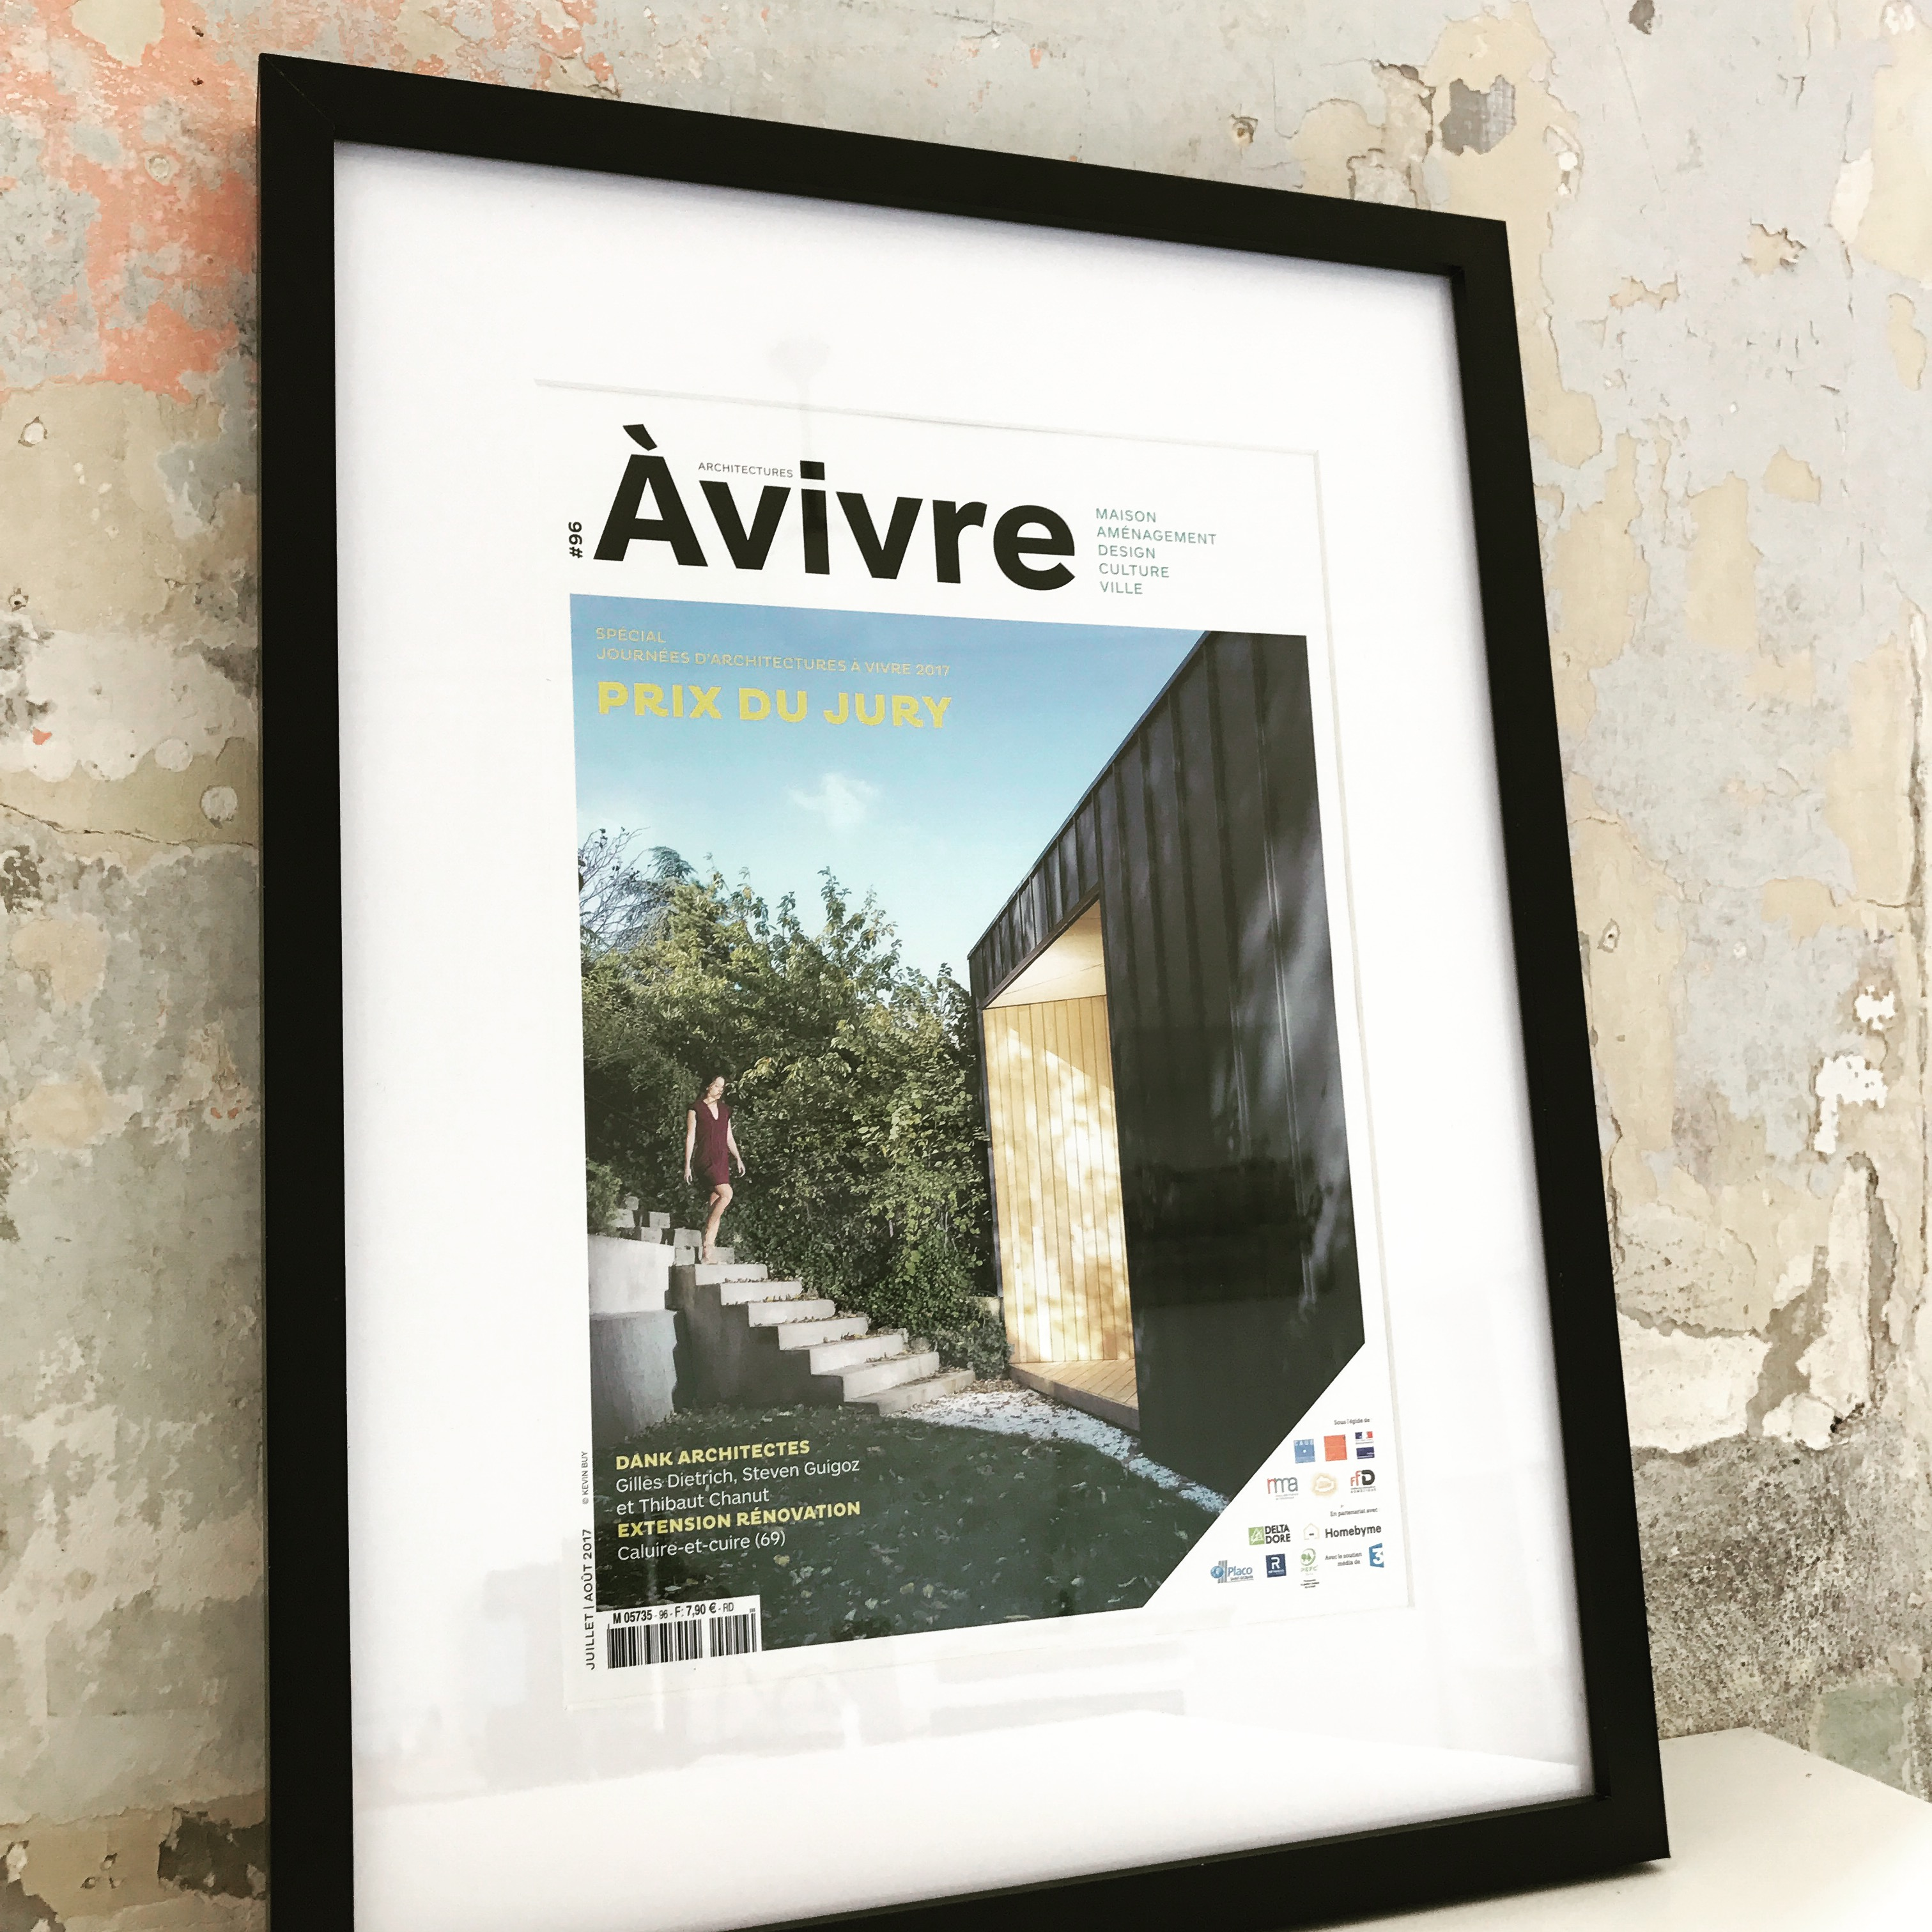 Dank Architectes gagne le Prix du Jury des Journées d'Architecture A Vivre 2017 !